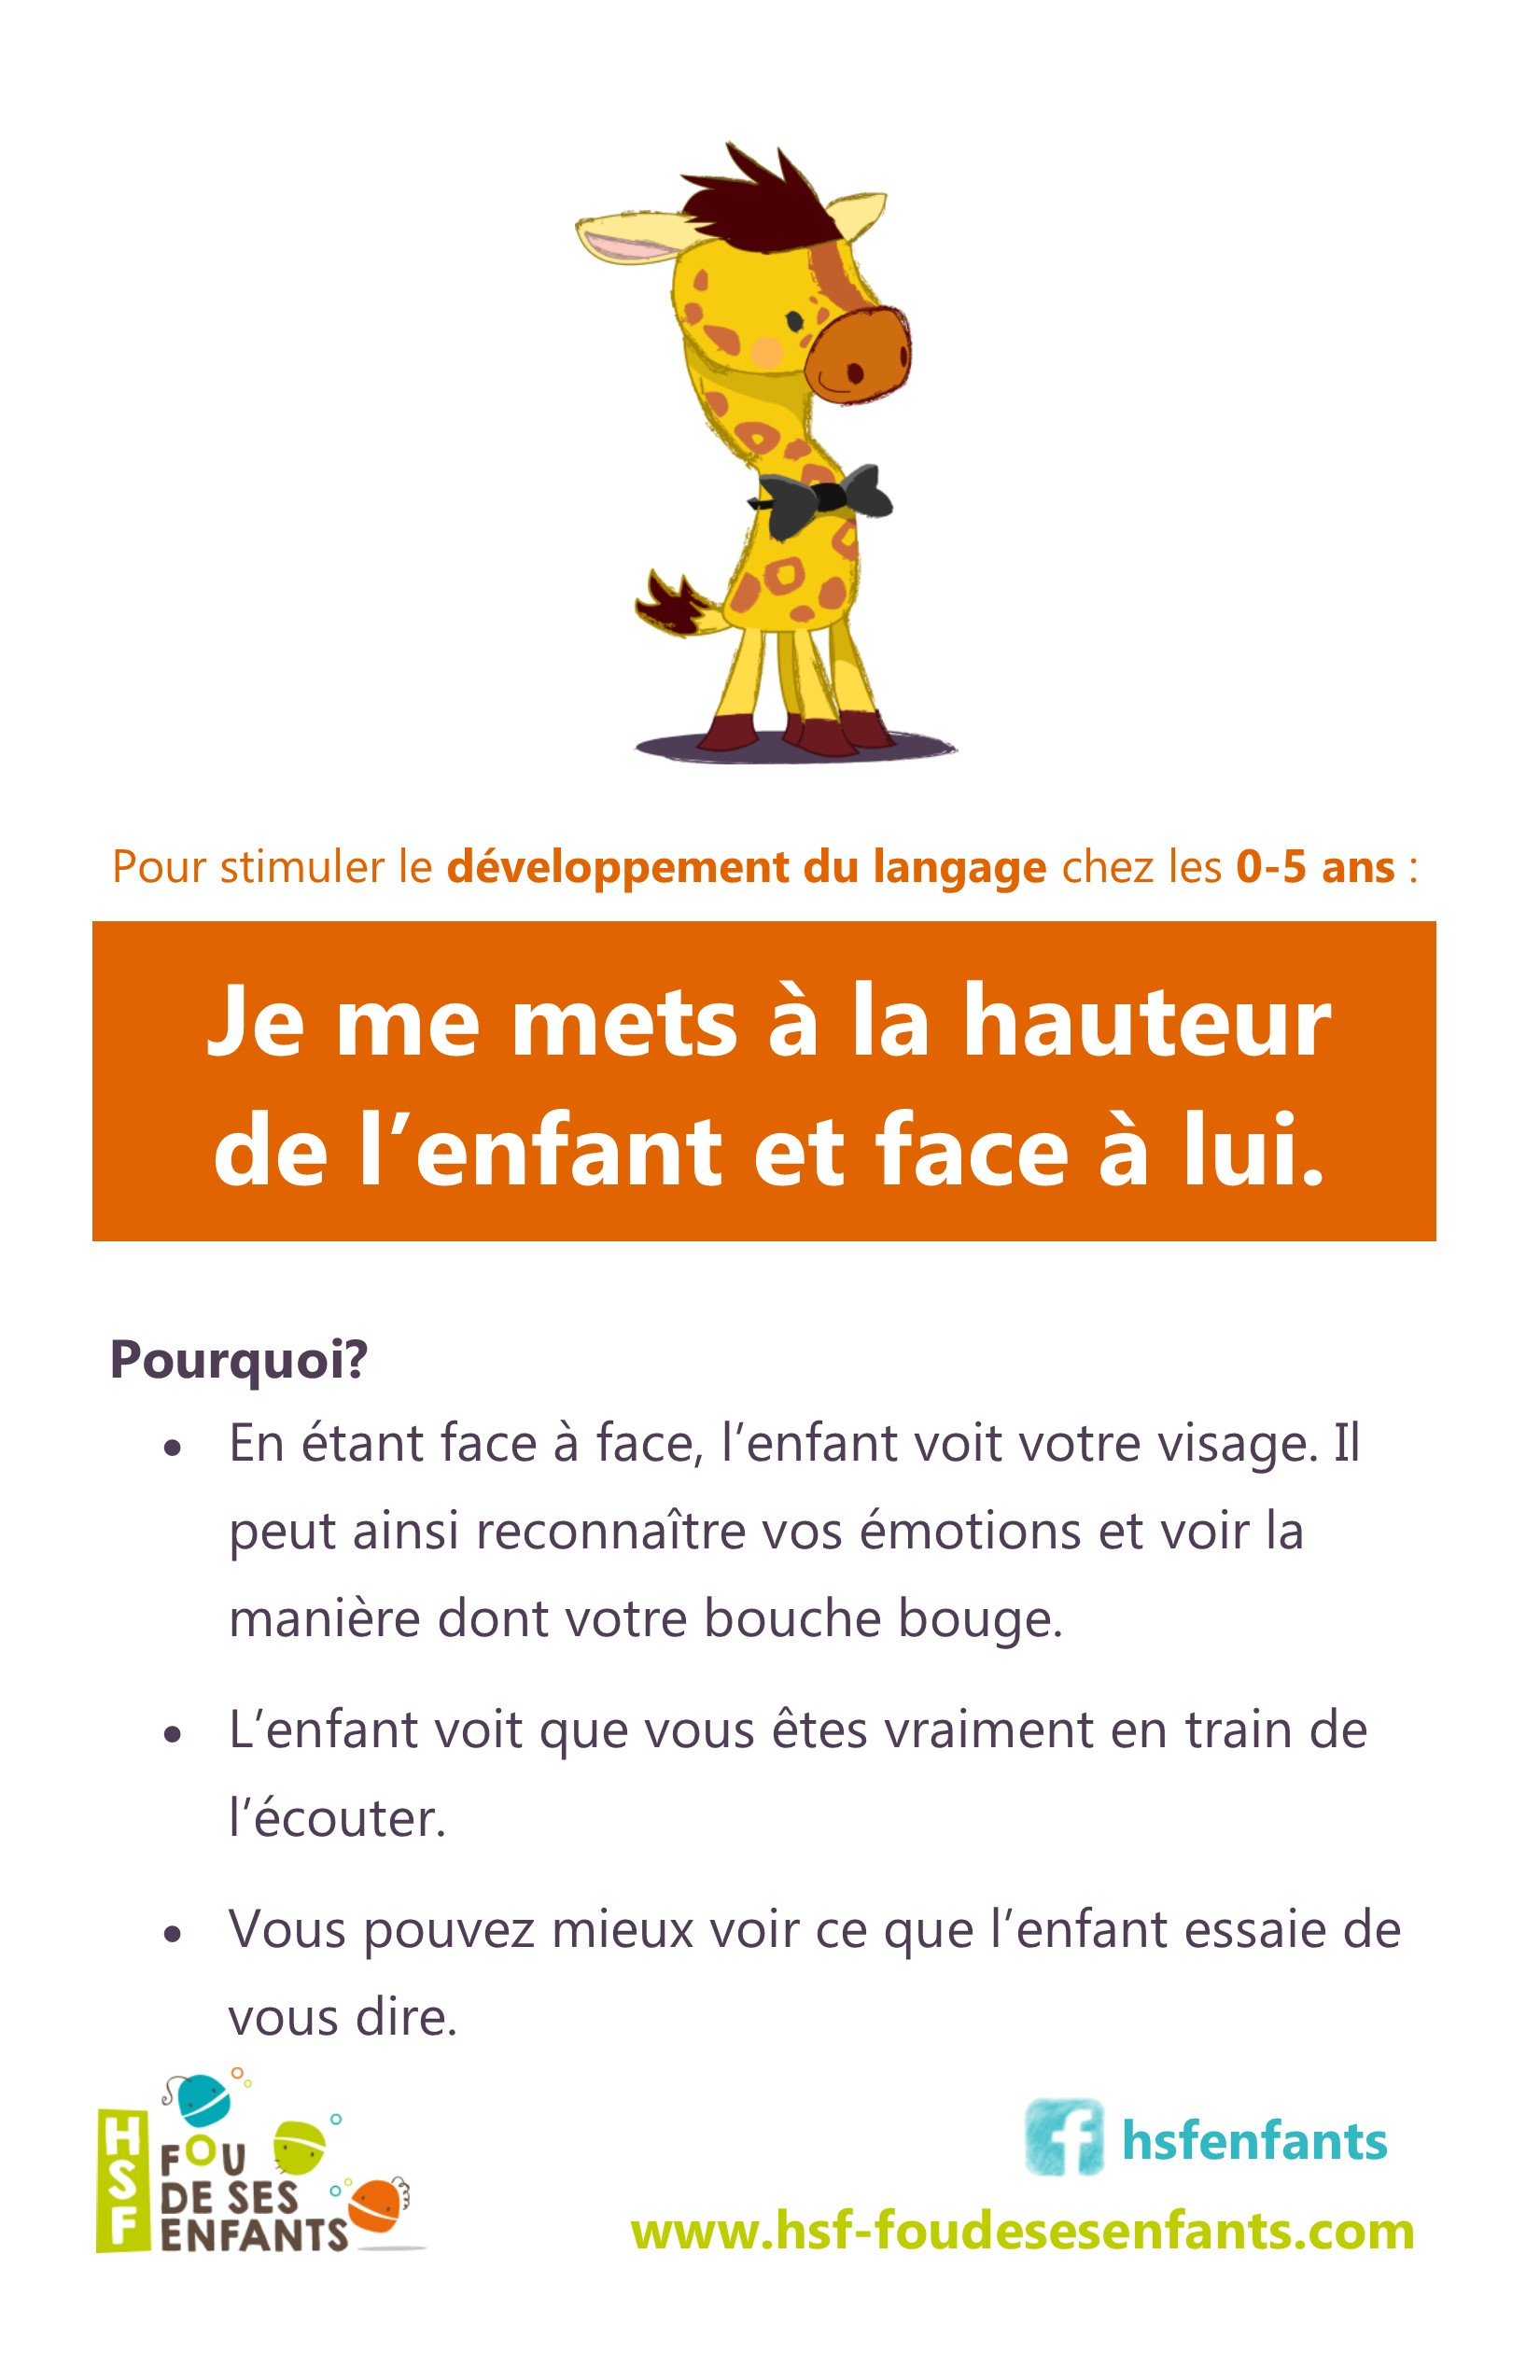 1_Je_me_mets_à_la_hauteur